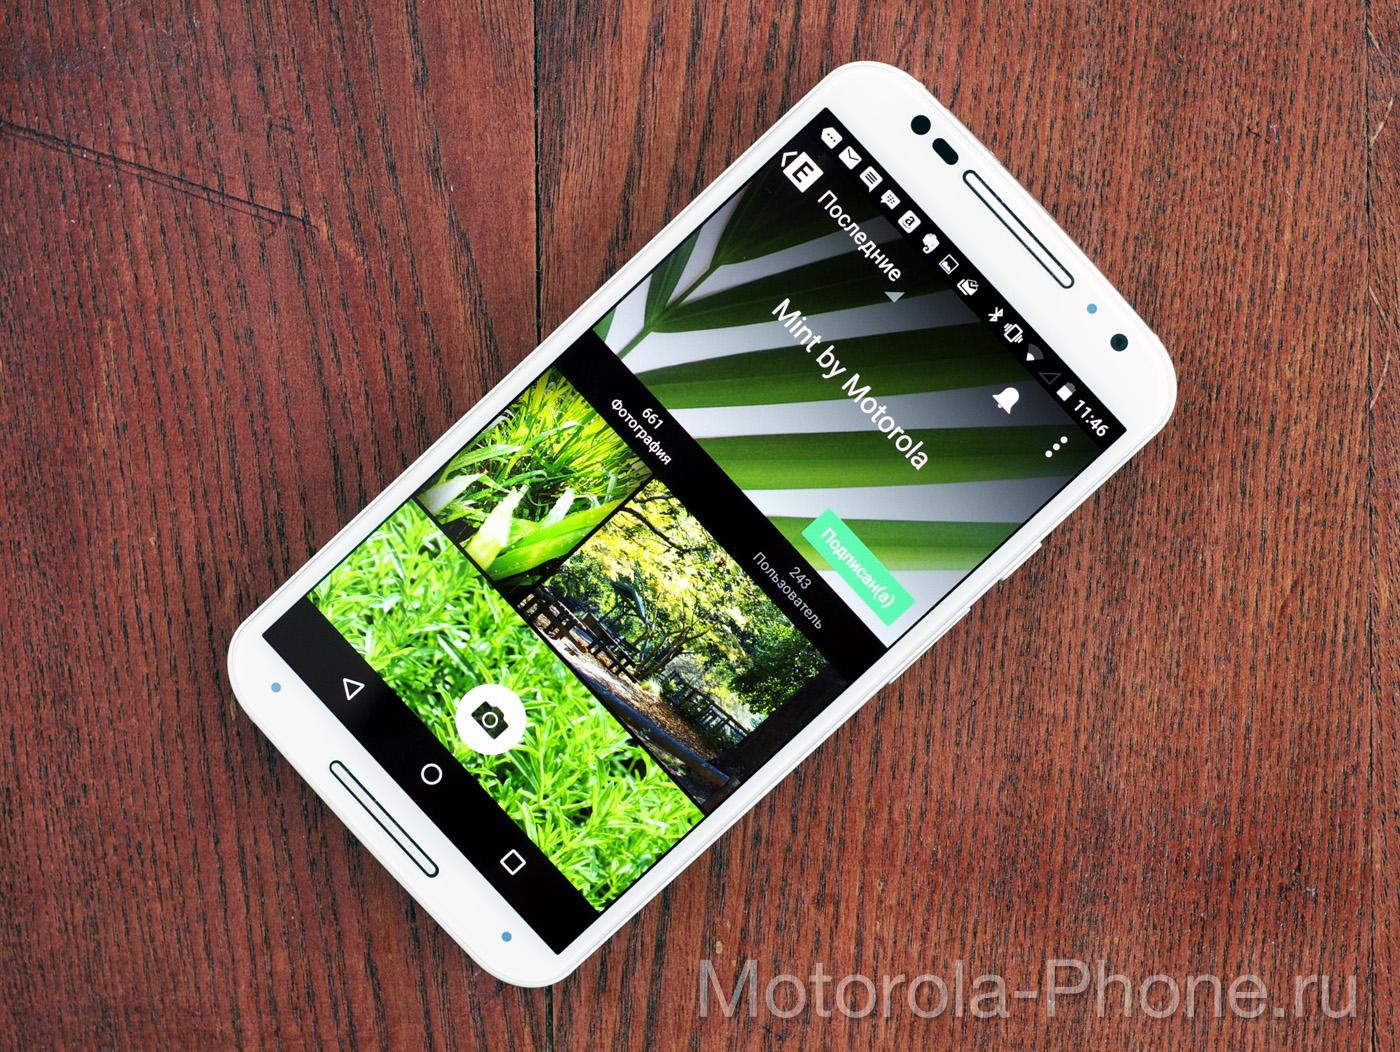 Mint-by-Motorola